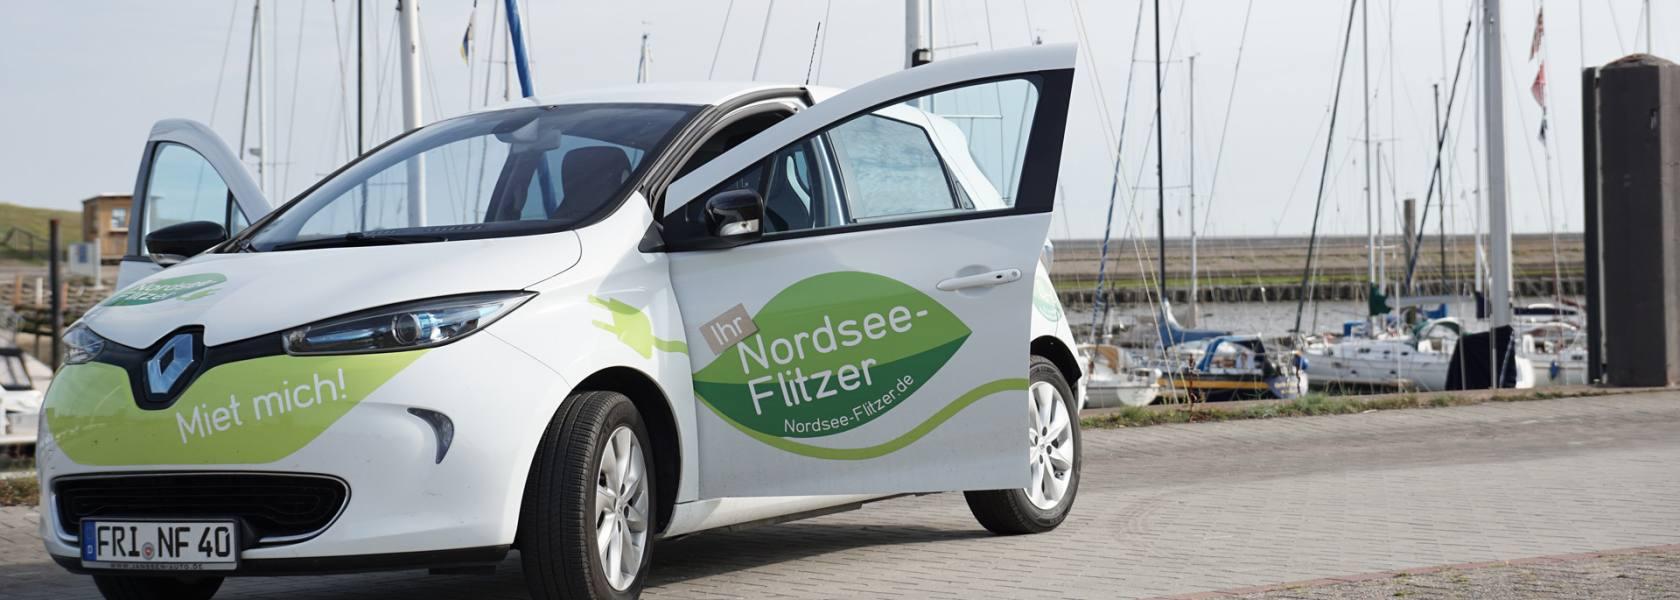 Der Nordsee-Flitzer in Dornumersiel, © Die Nordsee GmbH, Robin Schneider